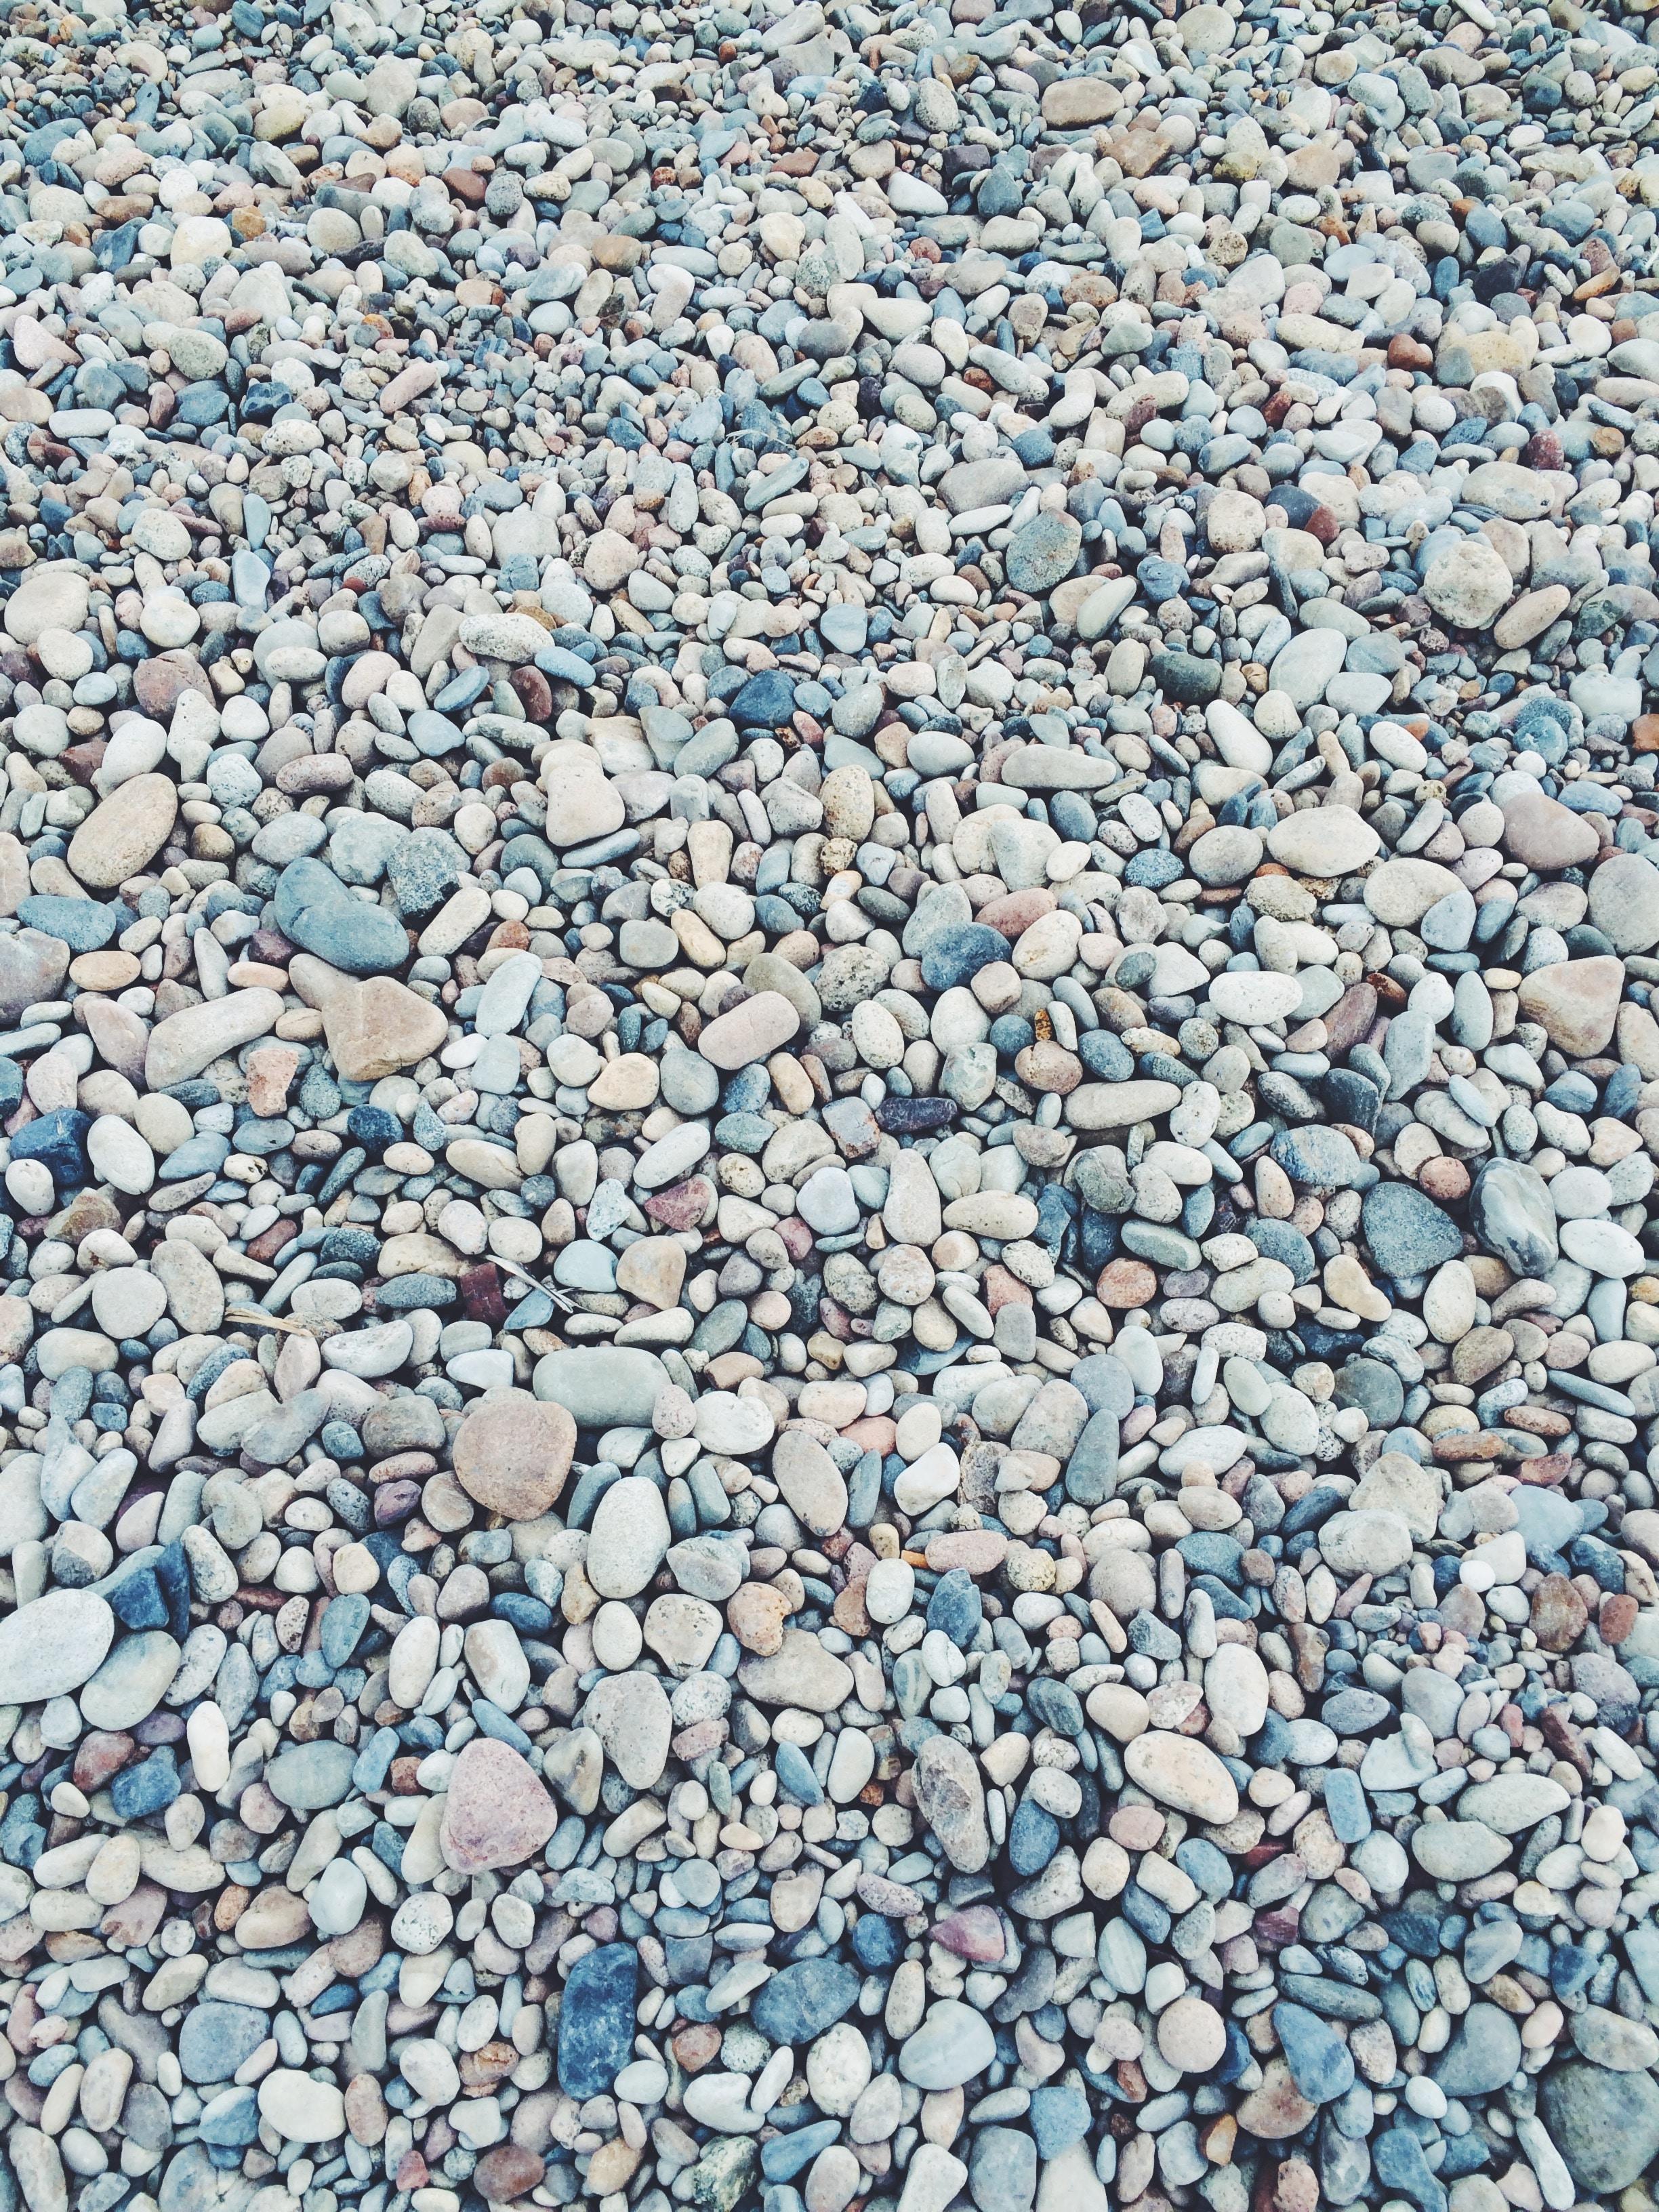 Beach rocks and pebbles at Посольское, Республика Бурятия, Россия